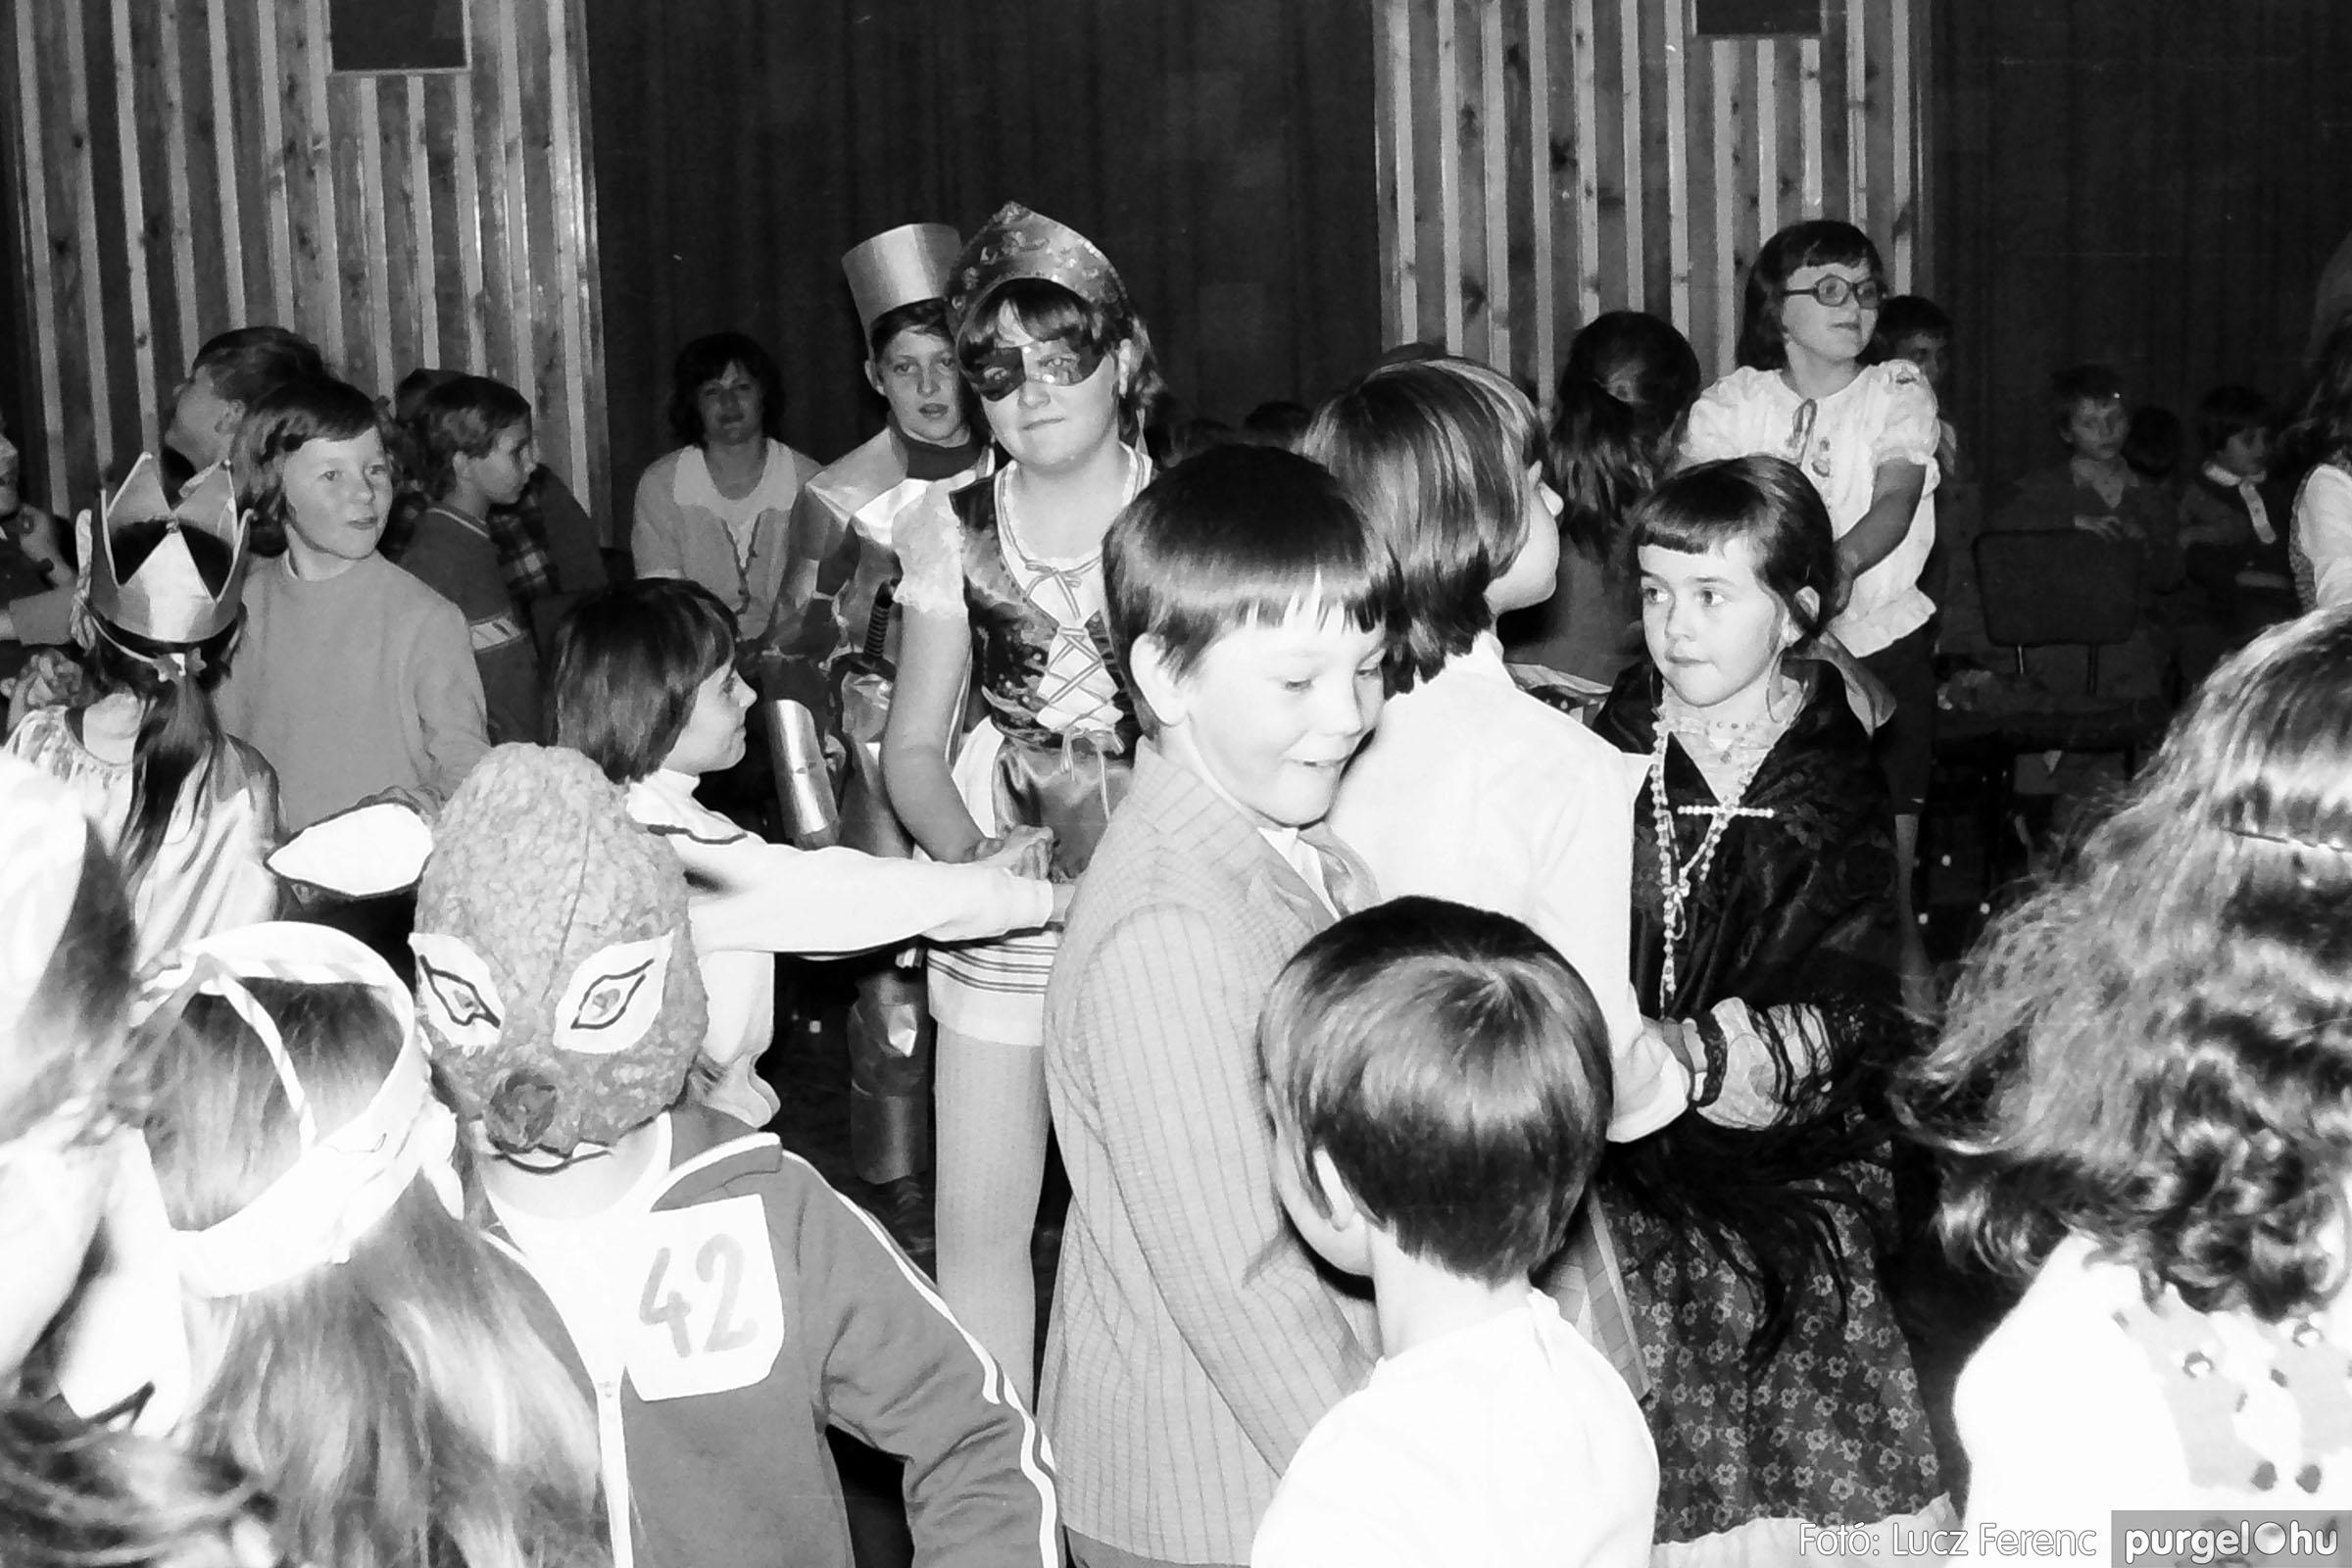 035. 1976. Iskolai farsang a kultúrházban 020 - Fotó: Lucz Ferenc.jpg